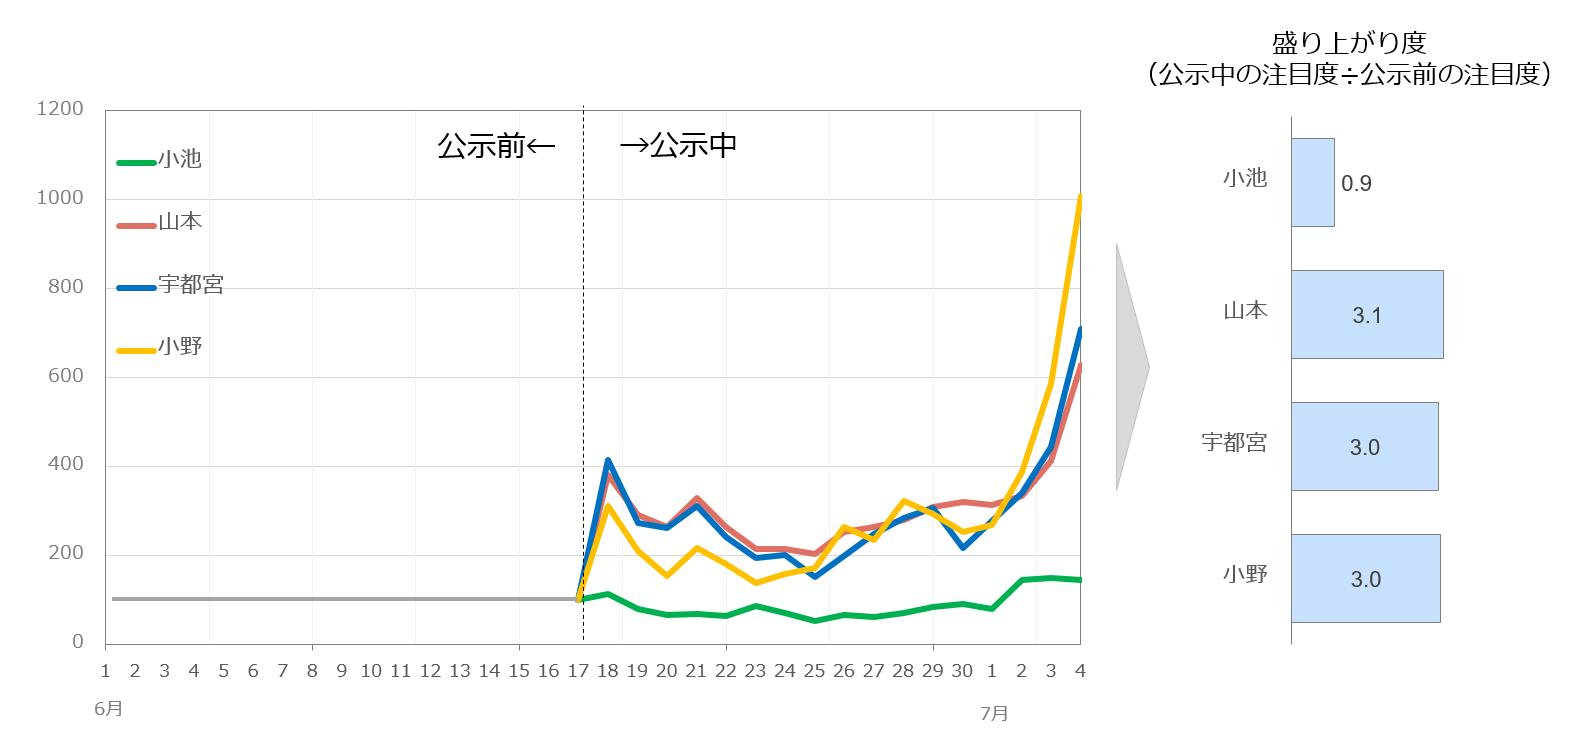 候補者別注目度の公示後の変化を指数化したグラフ